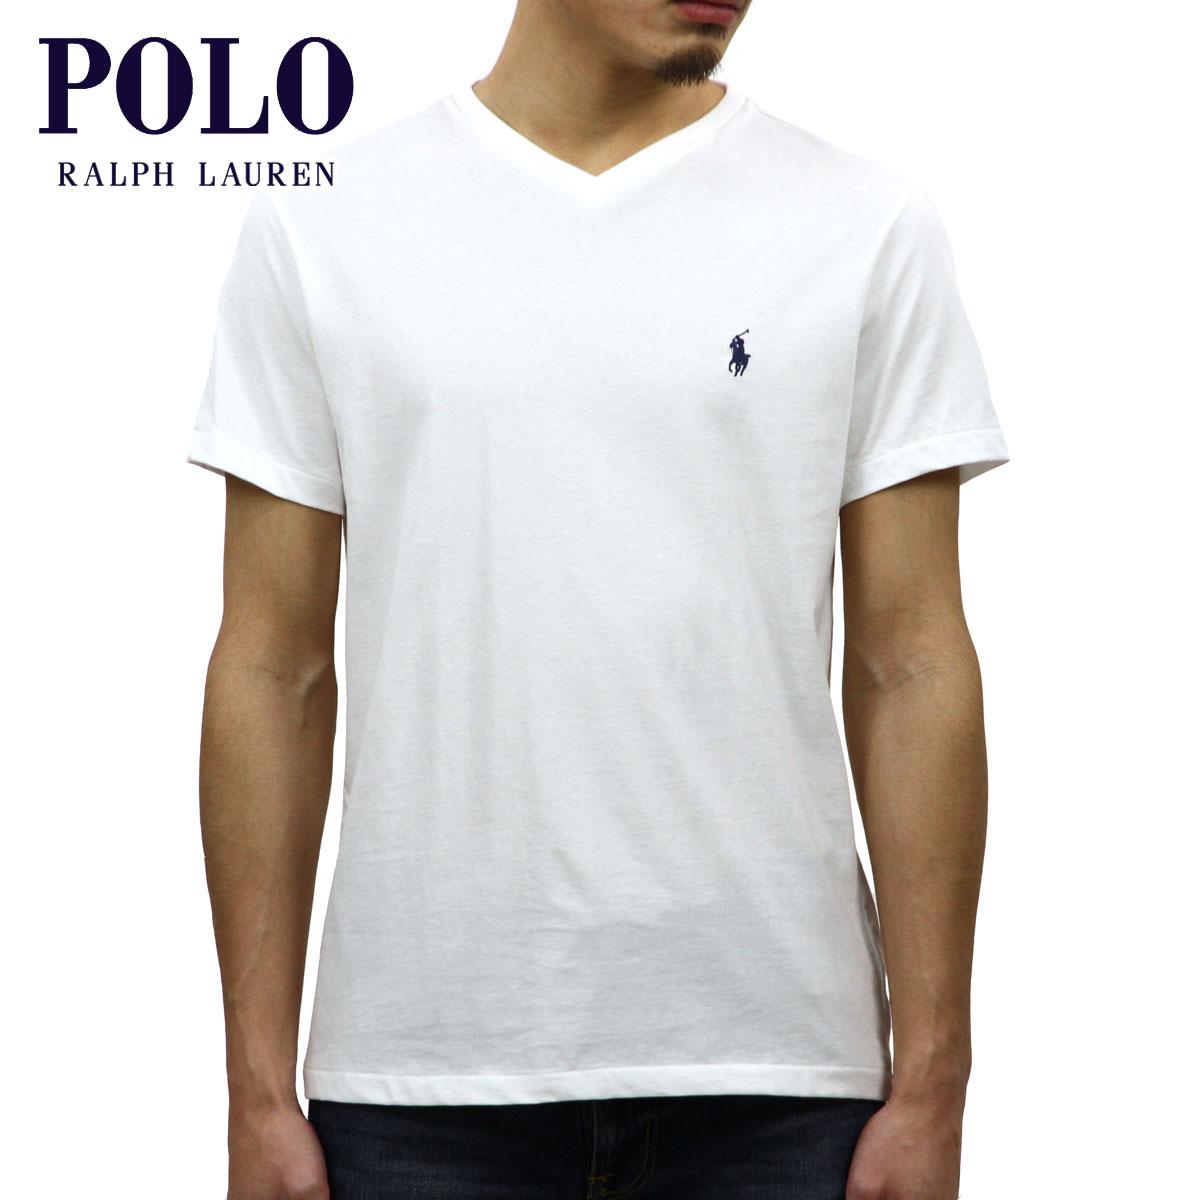 cbfdb9dc71 Polo Ralph Lauren T-shirt regular article POLO RALPH LAUREN short sleeves  T-shirt V neck T-shirt shirt SHORT-SLEEVED V-NECK TEE WHITE